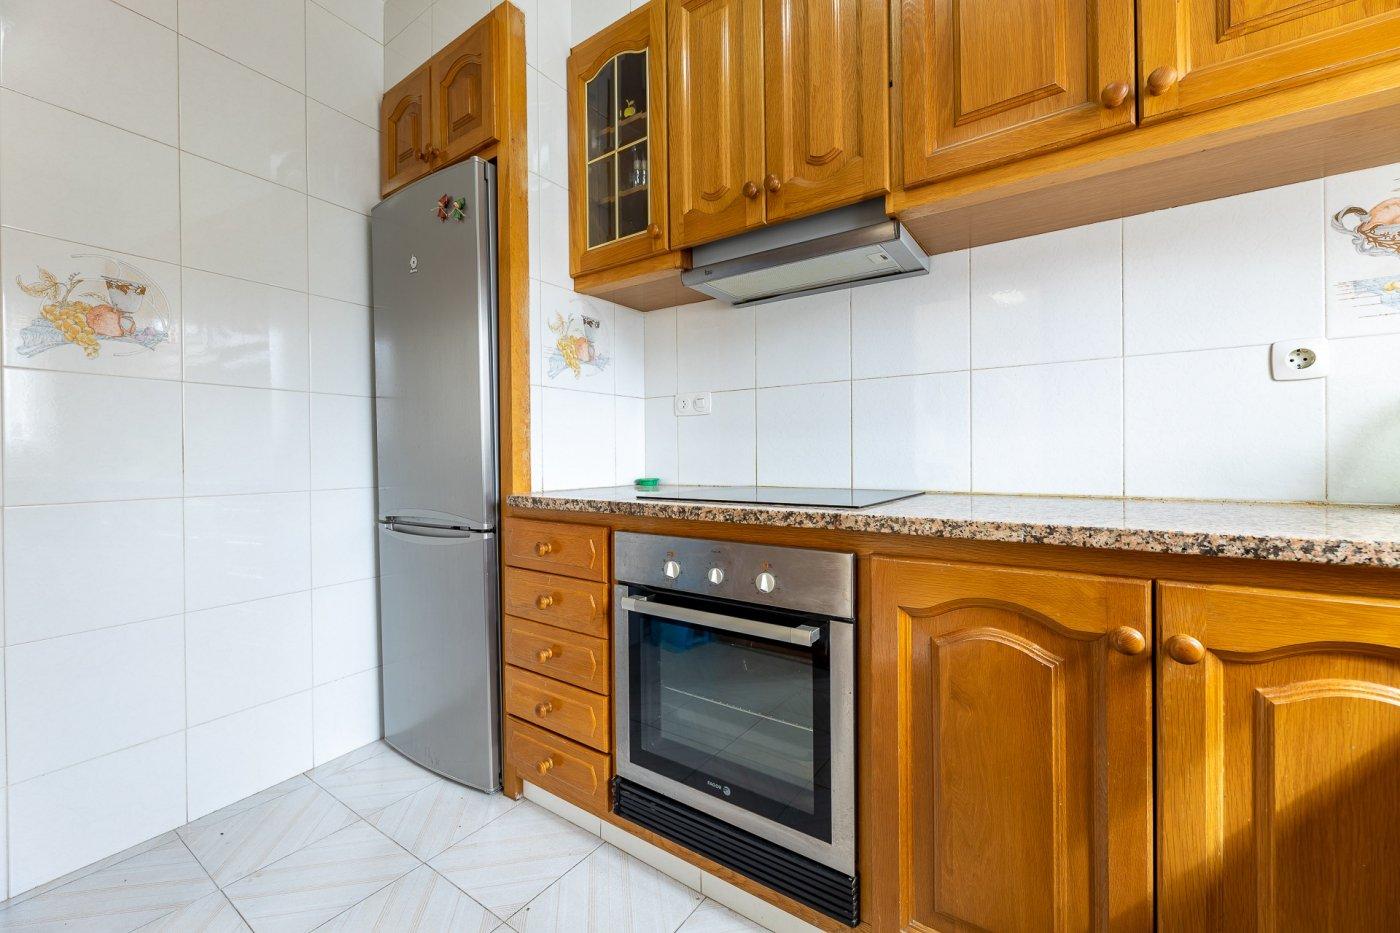 Primer piso de 107 m² de superficie en buen estado en la zona de camp redó, palma de mallo - imagenInmueble14